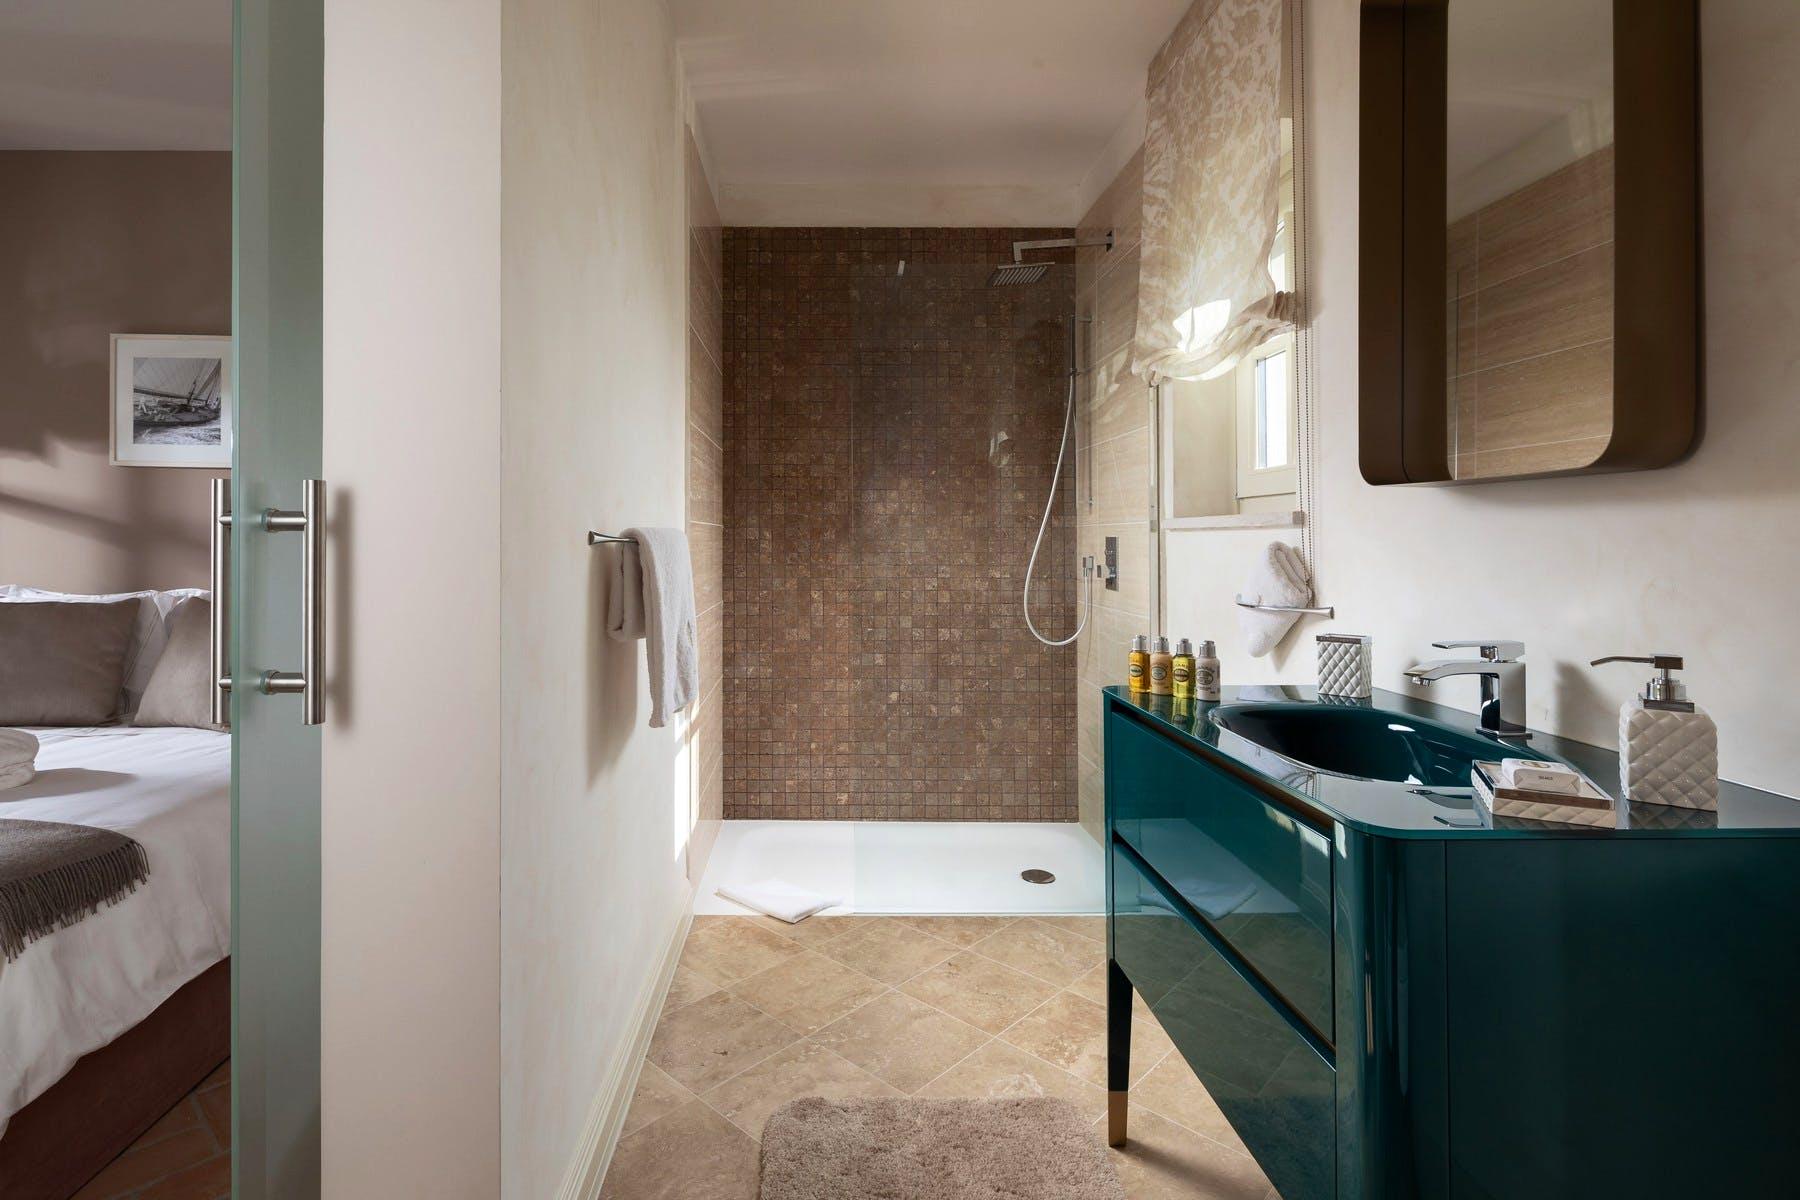 Luxurious bathroom area